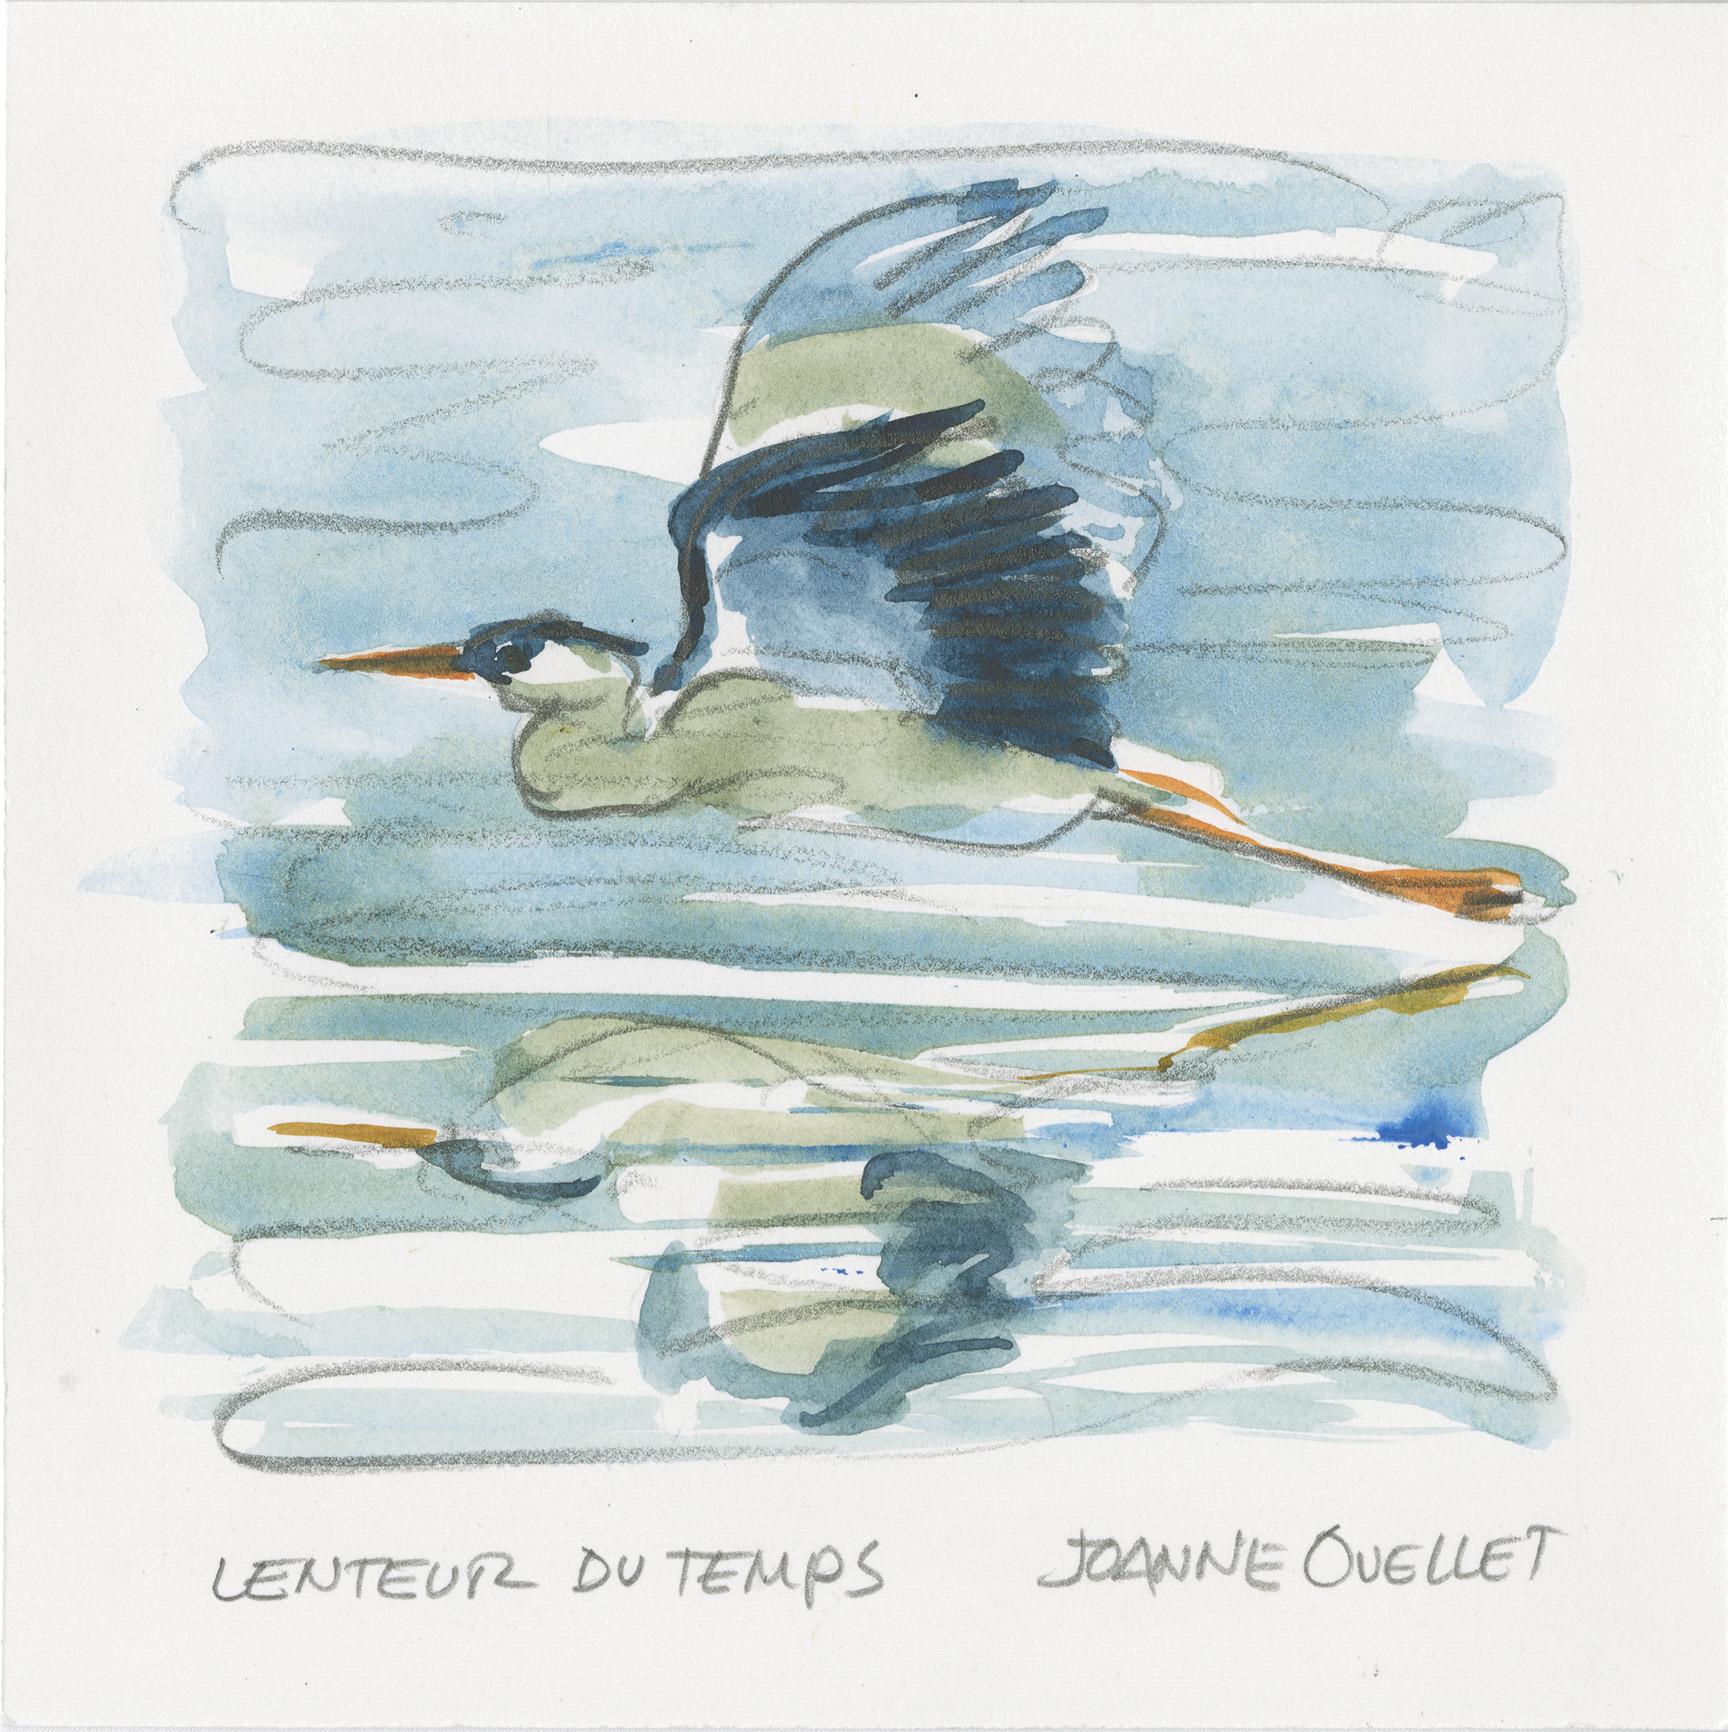 Lenteur du temps! Un grand héron se réflétant dans l'eau vole alègrement. L'artiste-peintre et autrice anime un atelier d'aquarelle à la réserve naturelle du Marais-Léon-Provancher, le 26 septembre 2020.